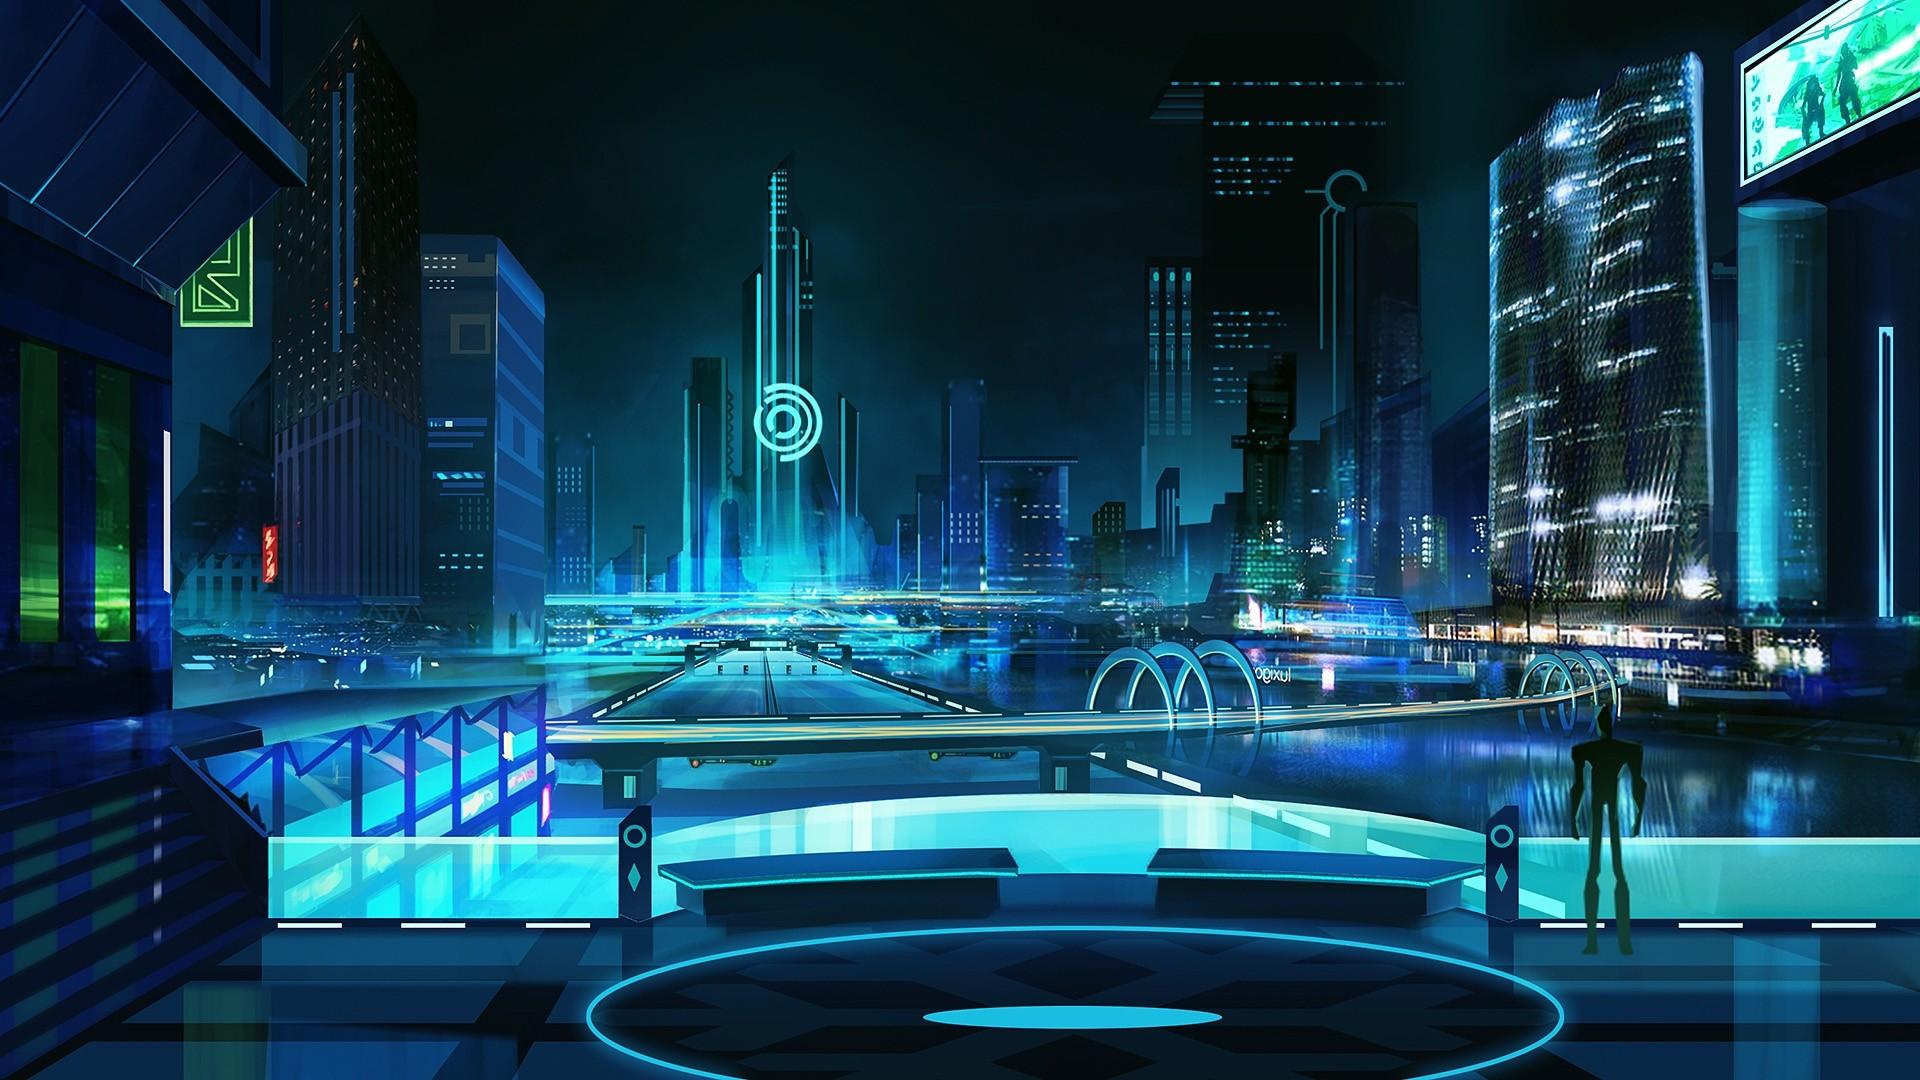 Neon City computer Wallpaper